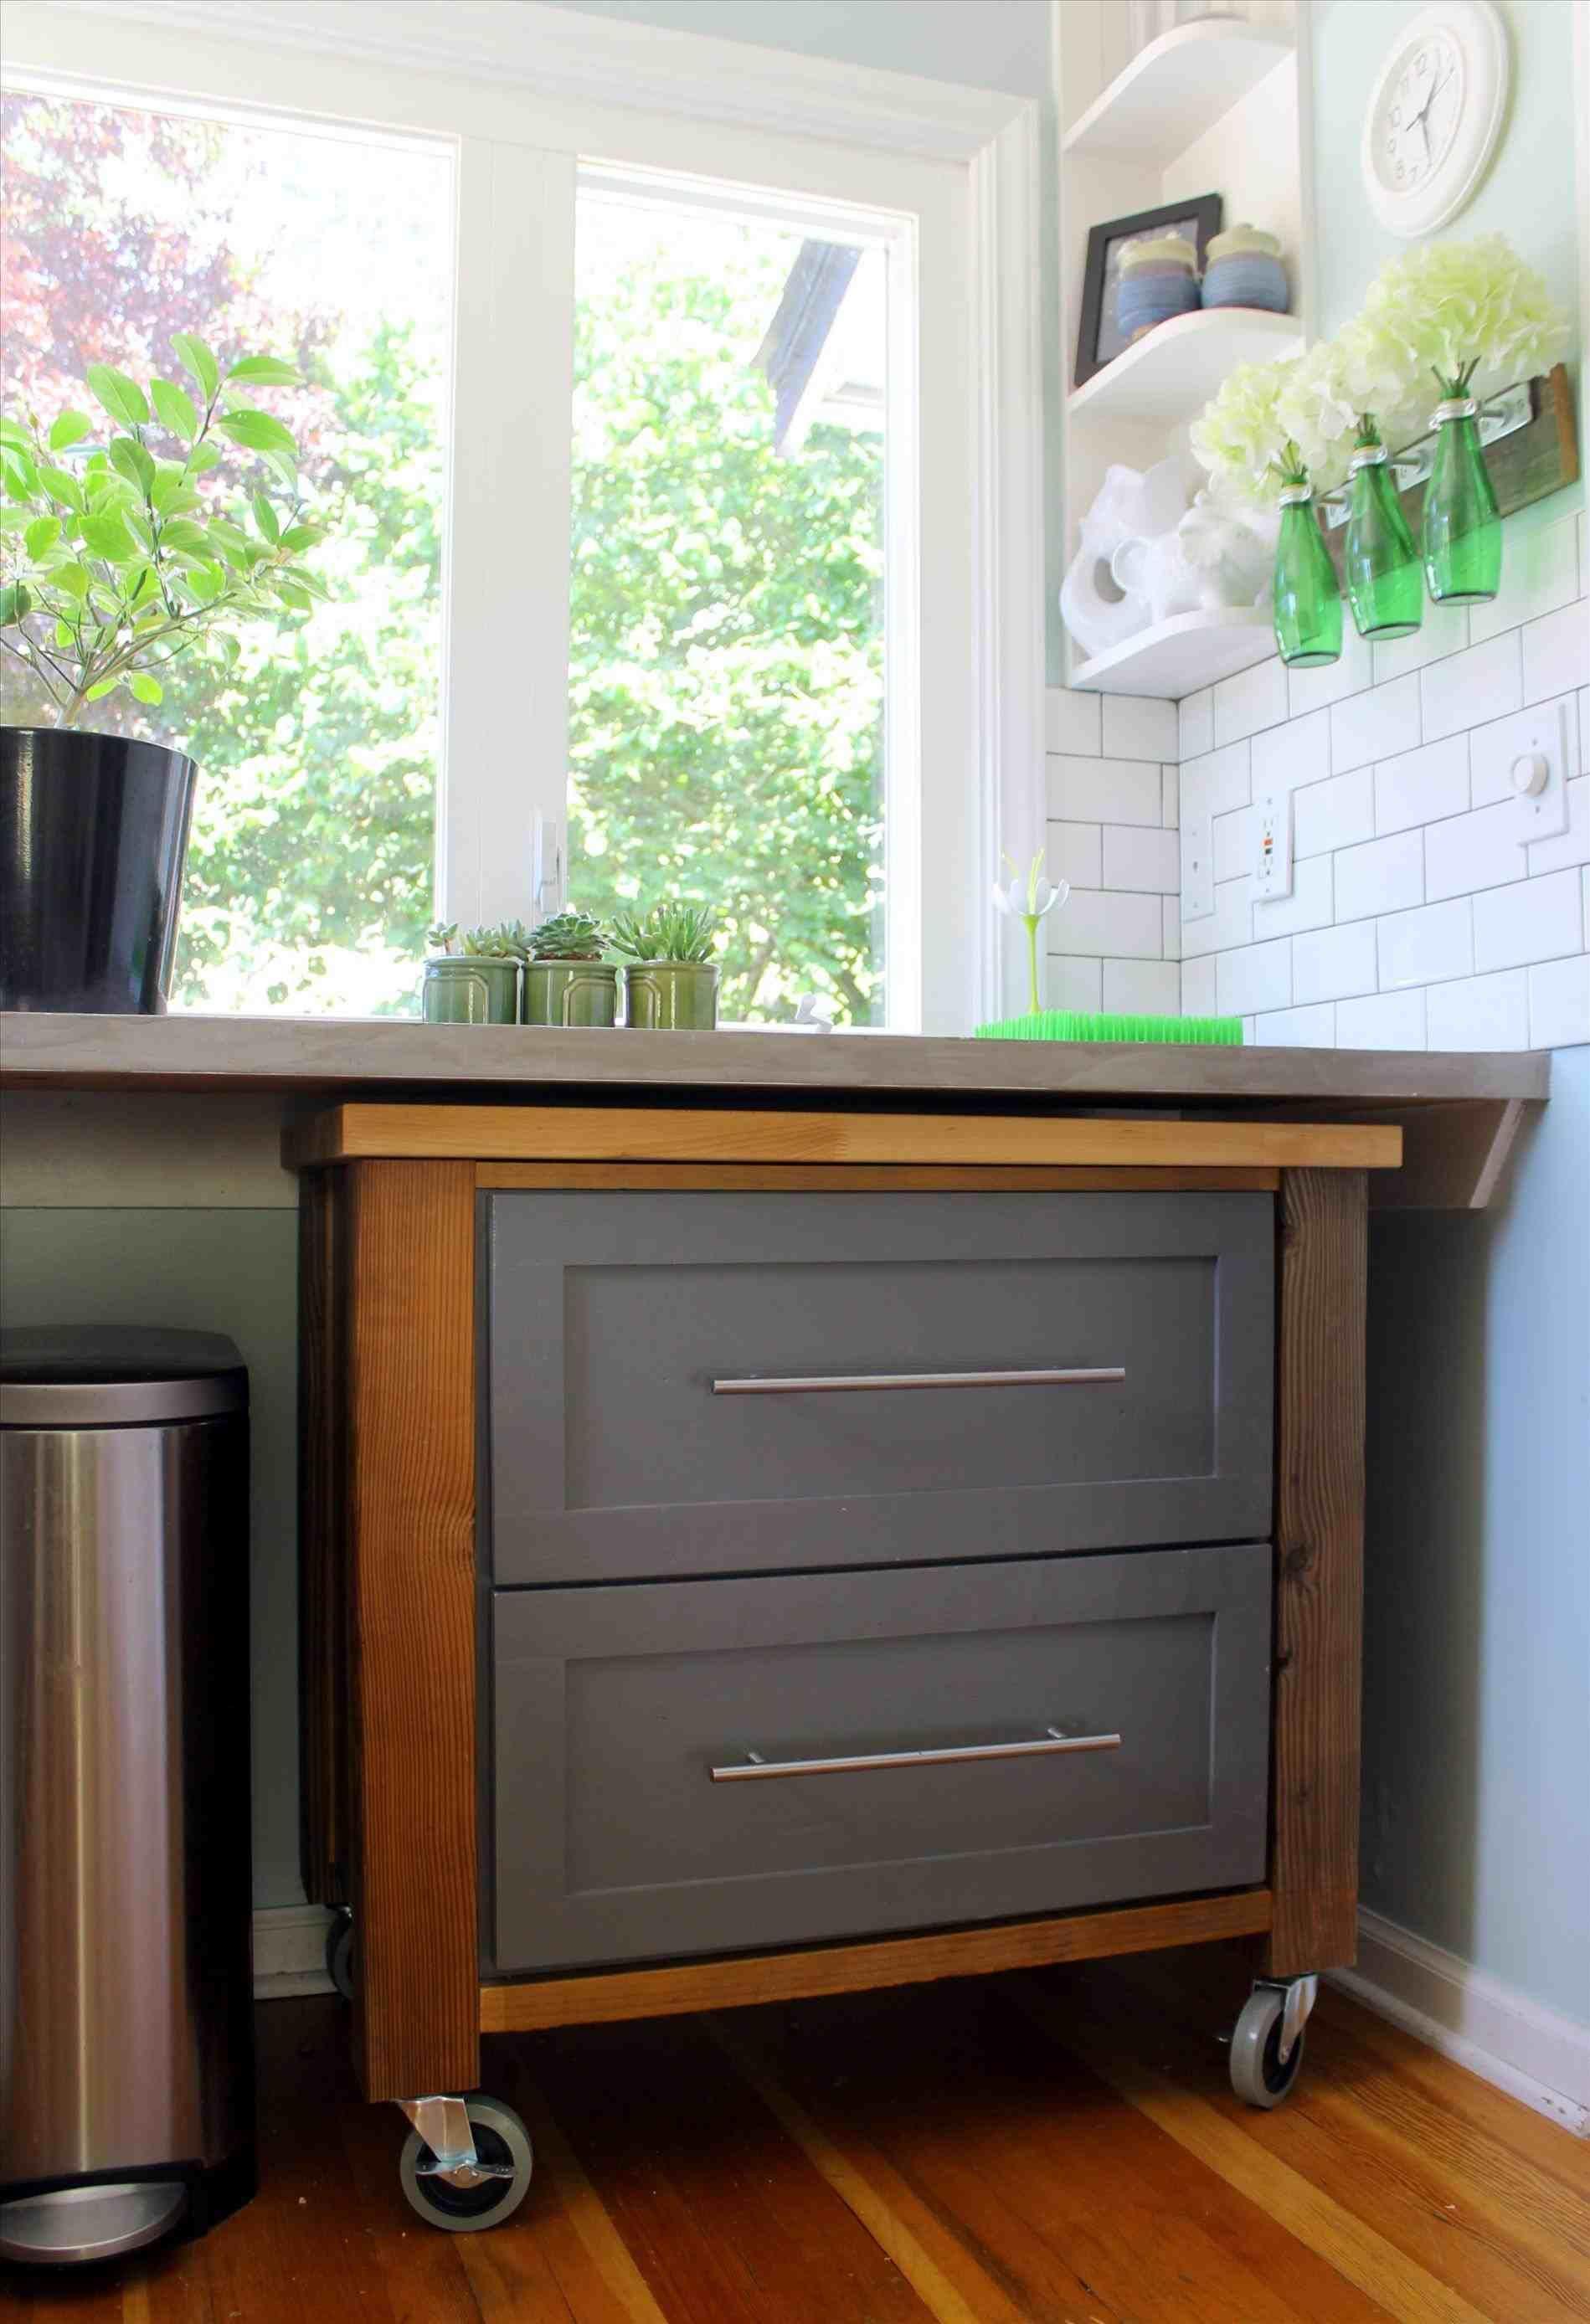 Gemütlich Küche Kompact Chadwood Bilder - Küchenschrank Ideen ...